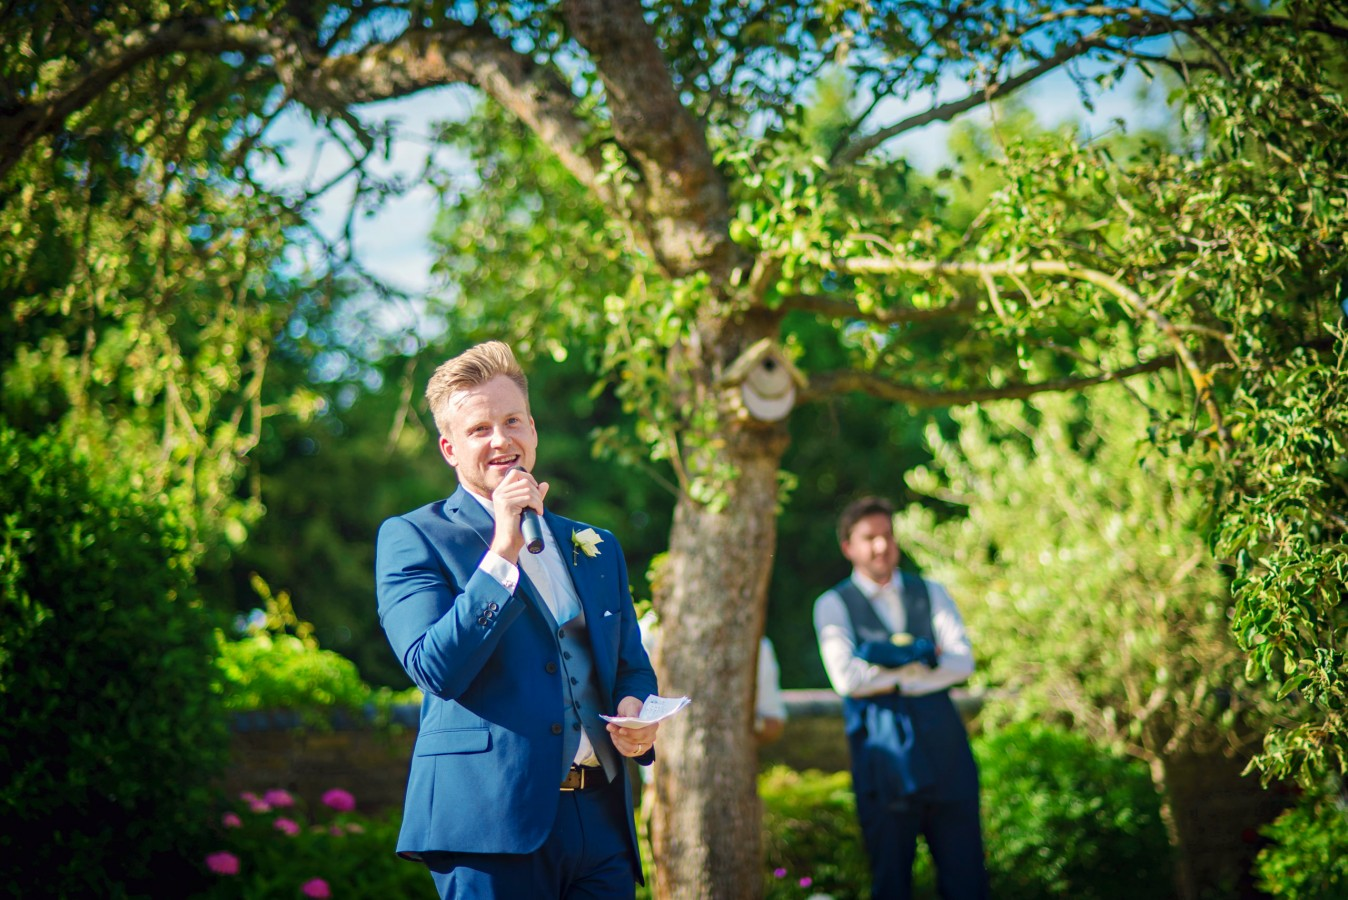 Hampshire Wedding Photographer - GK Photography-141